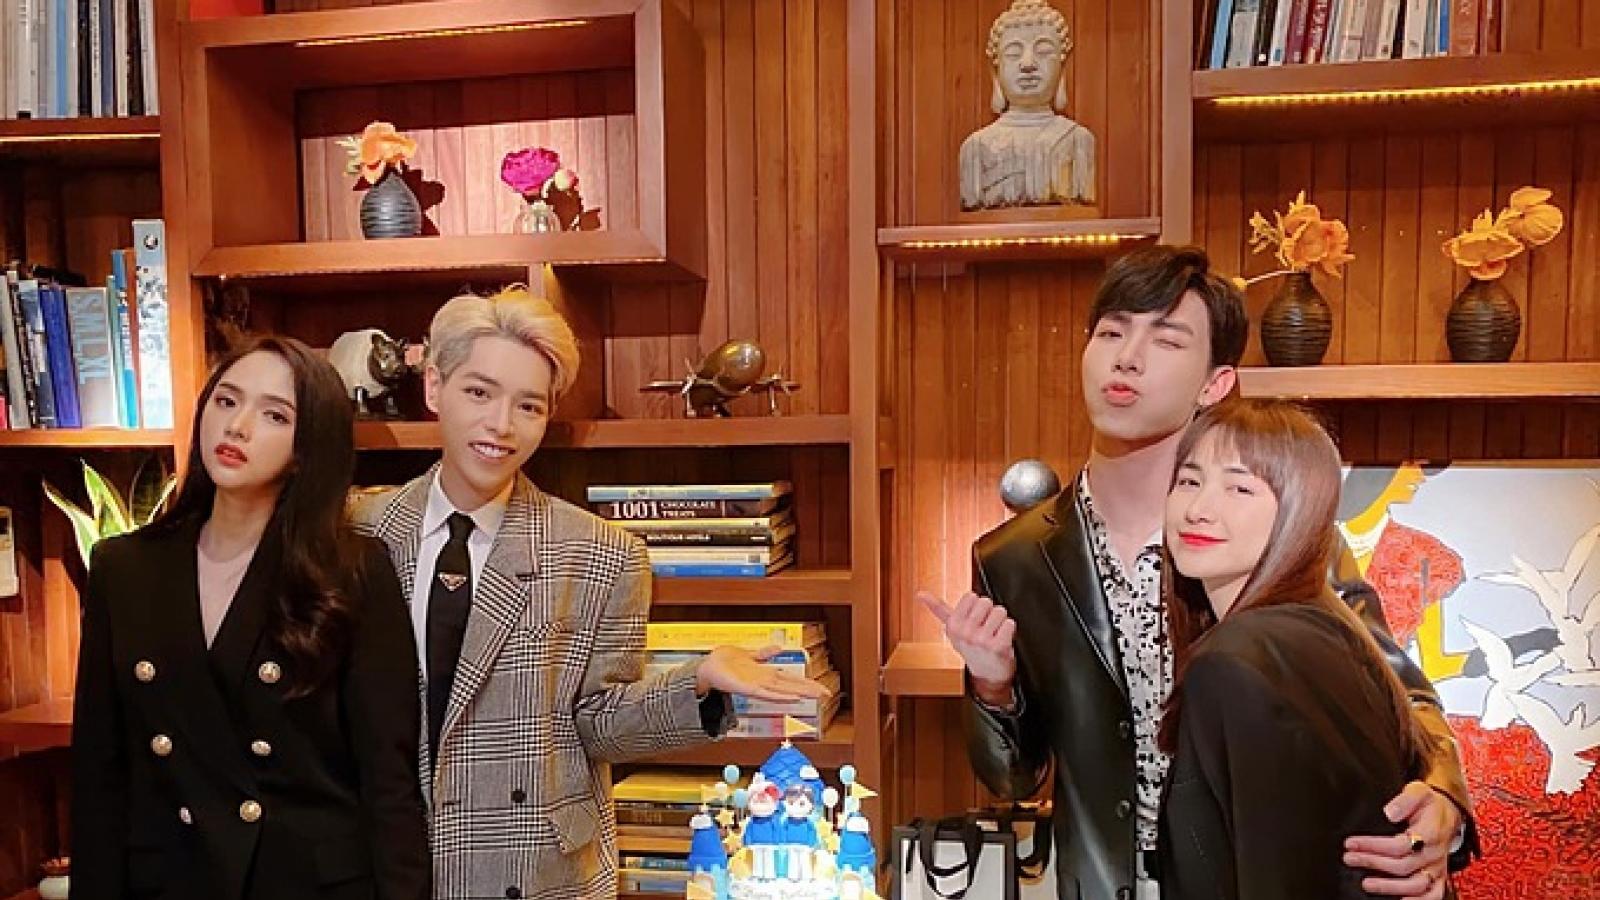 Chuyện showbiz: Hương Giang cùng Hòa Minzy mừng sinh nhật Đức Phúc, Erik